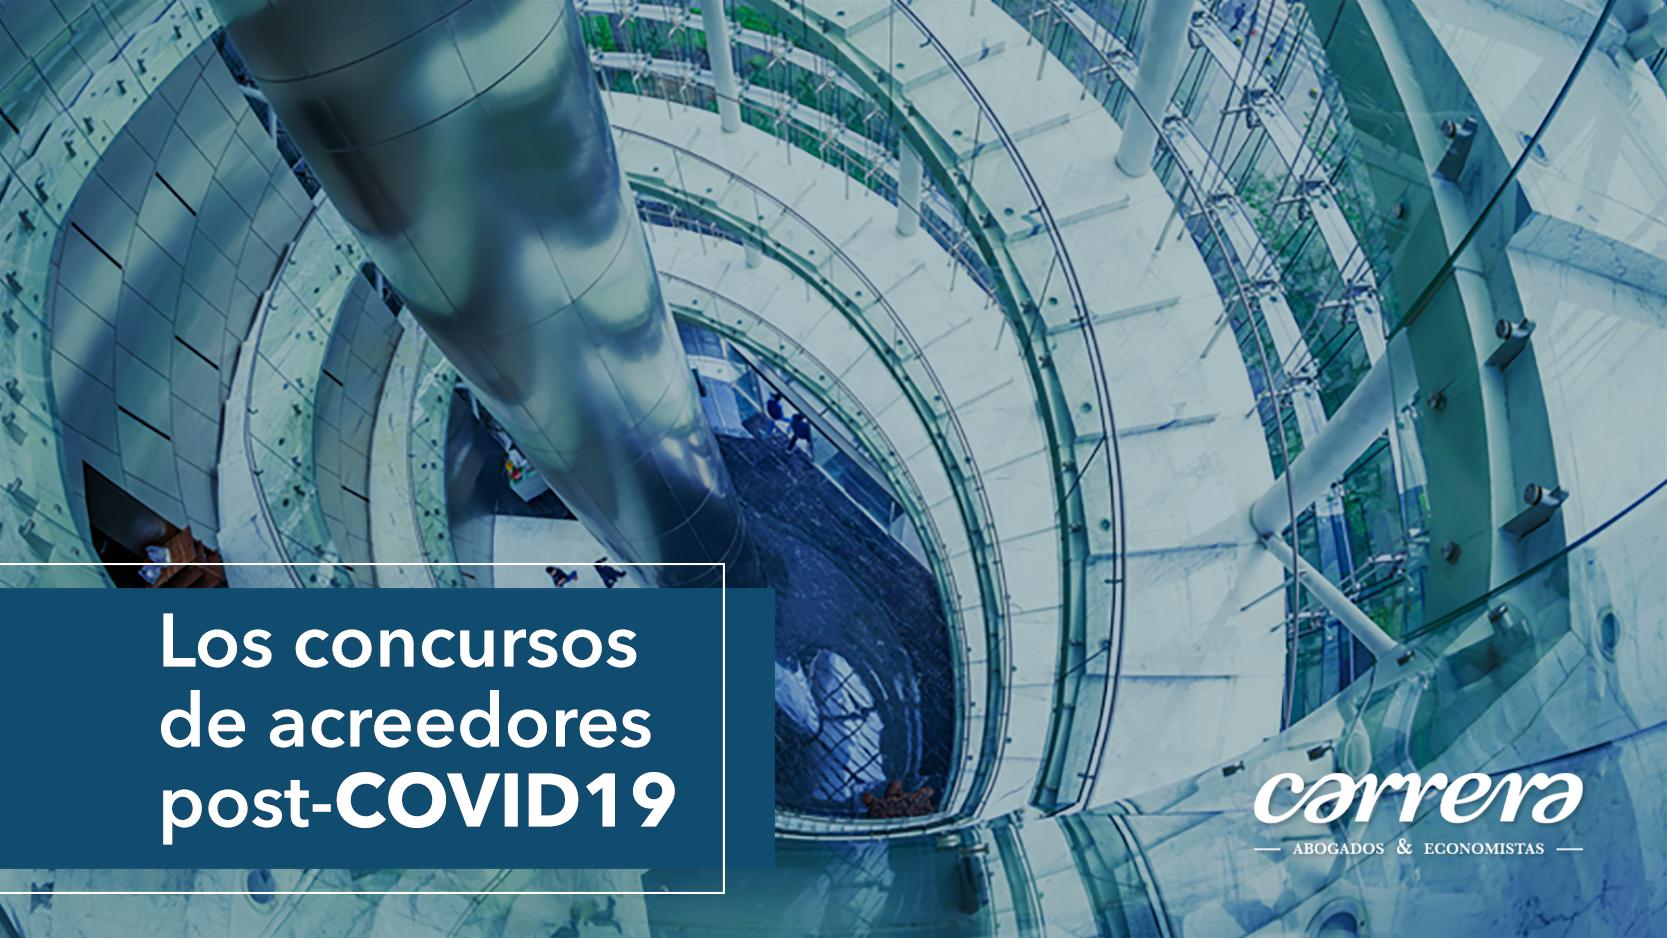 LOS CONCURSOS DE ACREEDORES POST PANDEMIA